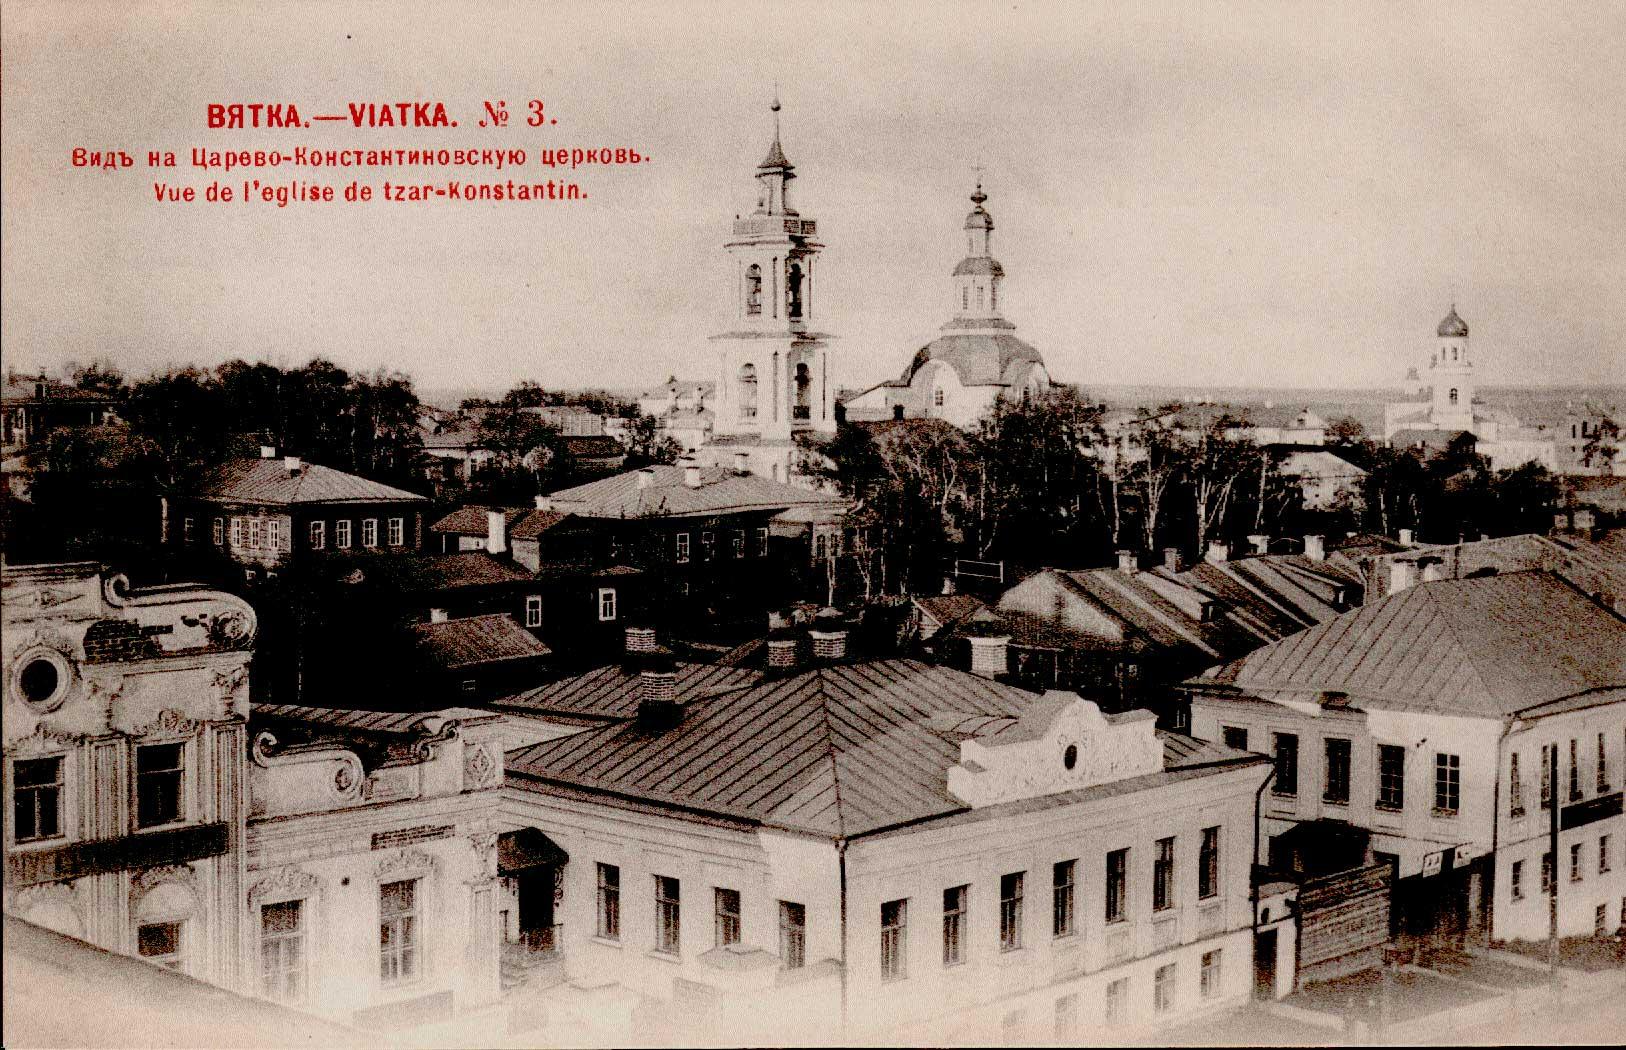 Царево-Костантиновская церковь